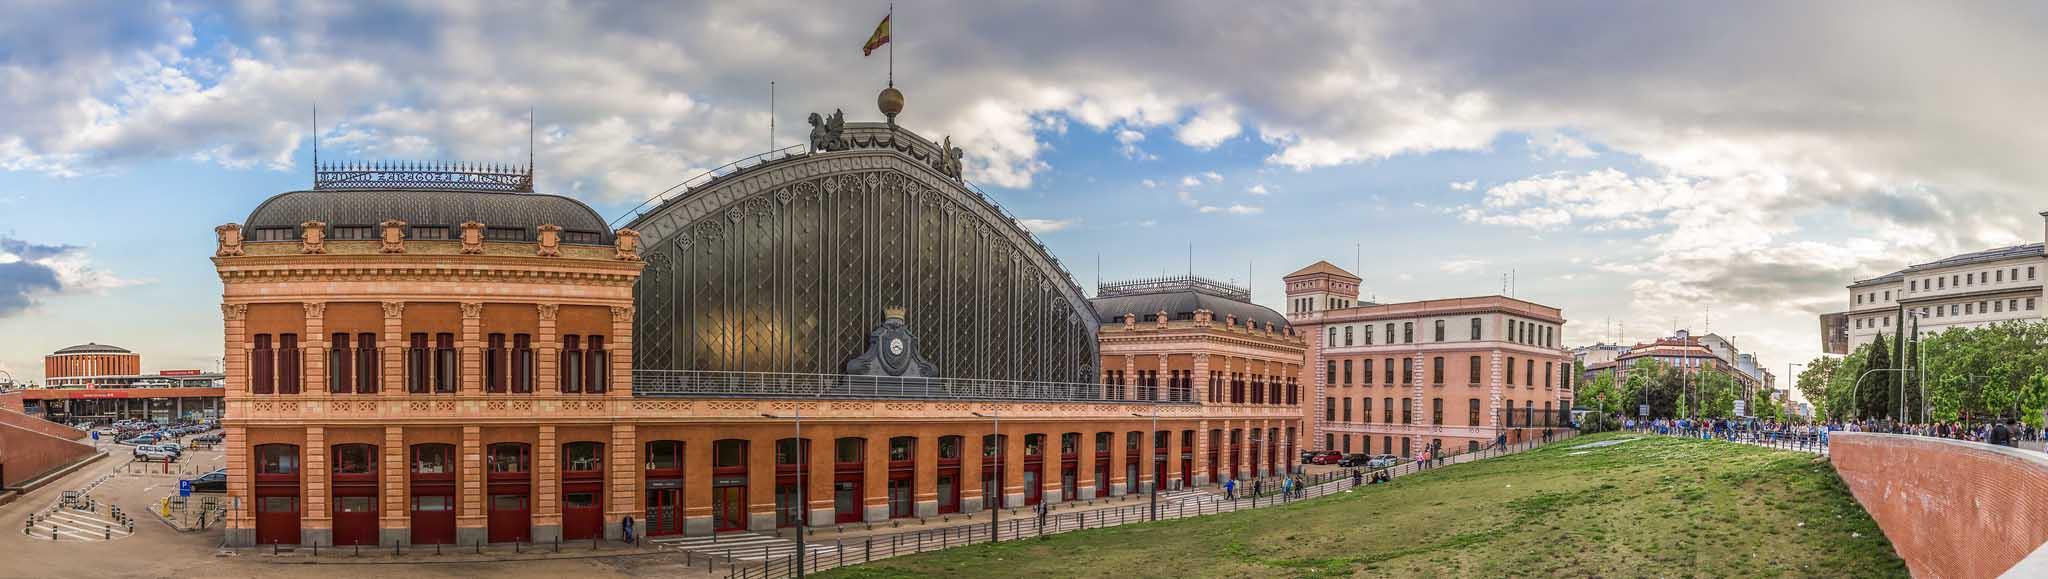 Вокзал Аточа в Мадриде